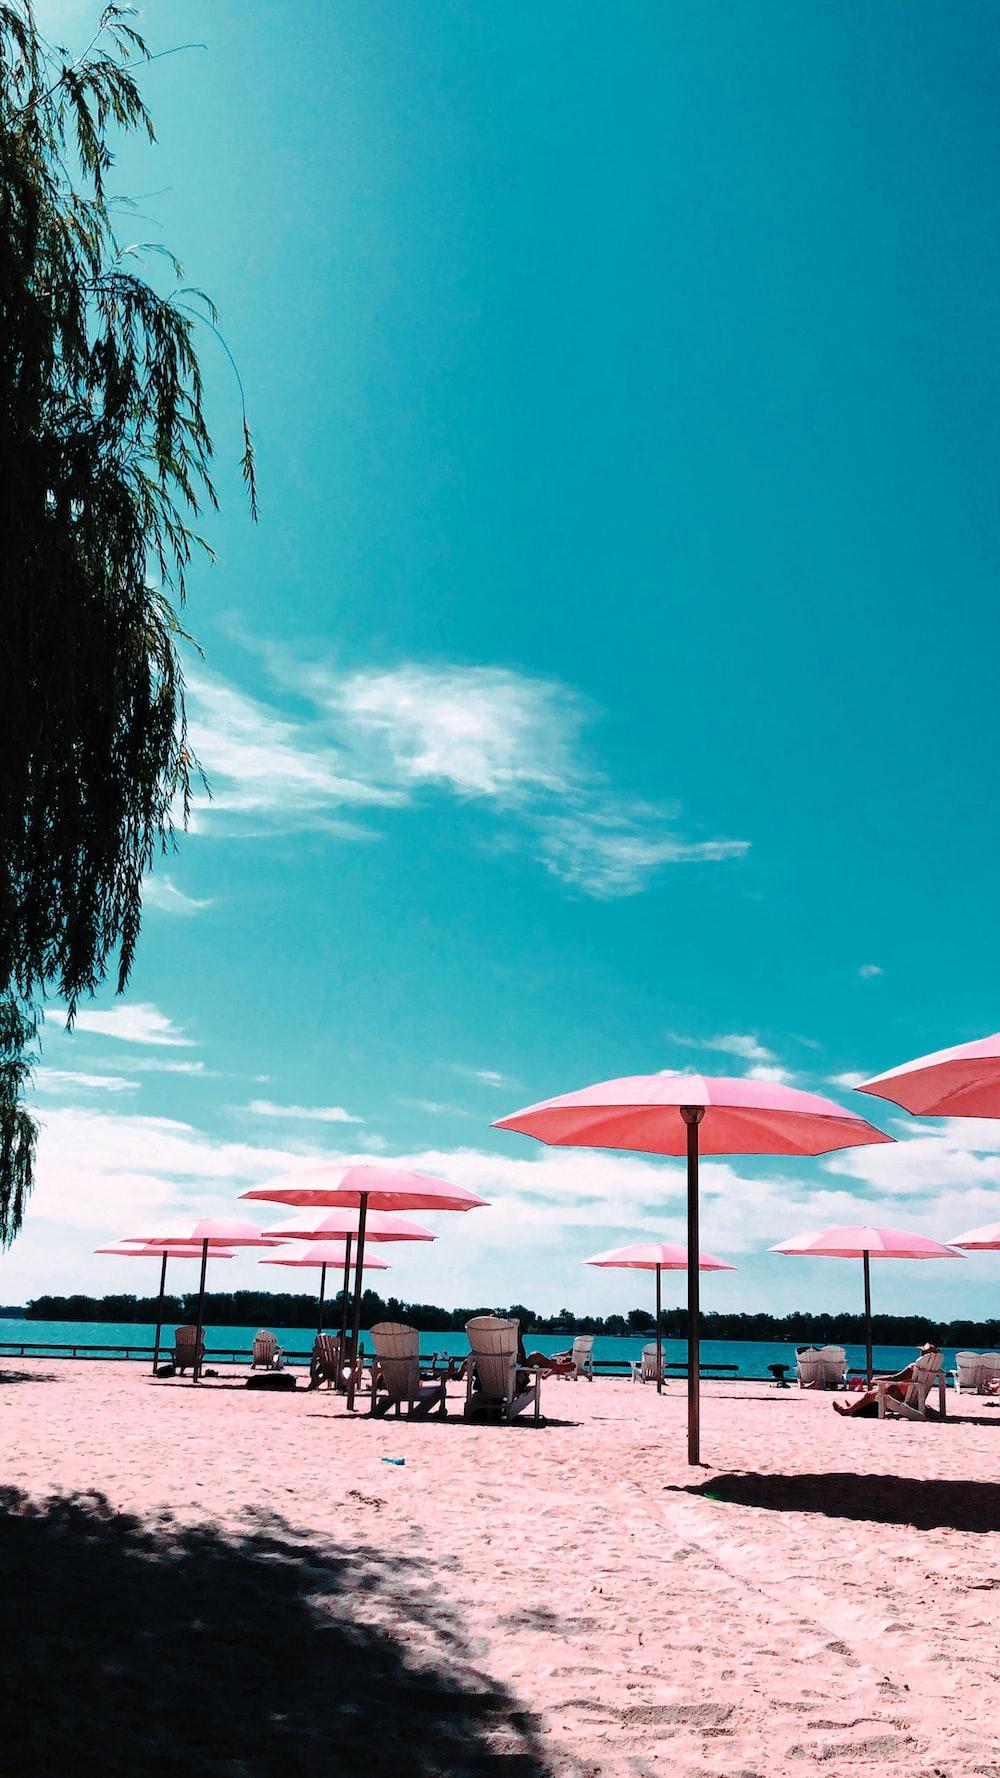 pink patio umbrellas